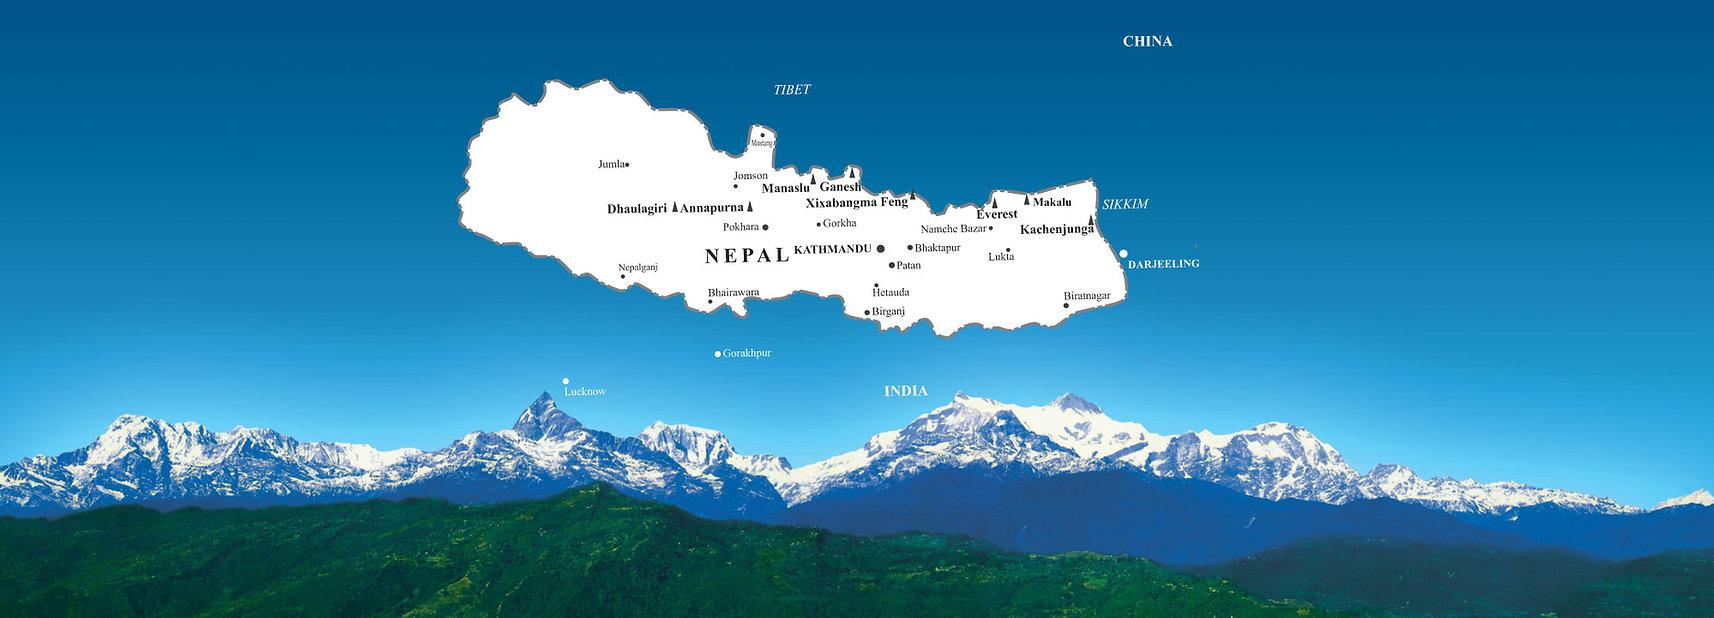 himalayan-range-map.jpg